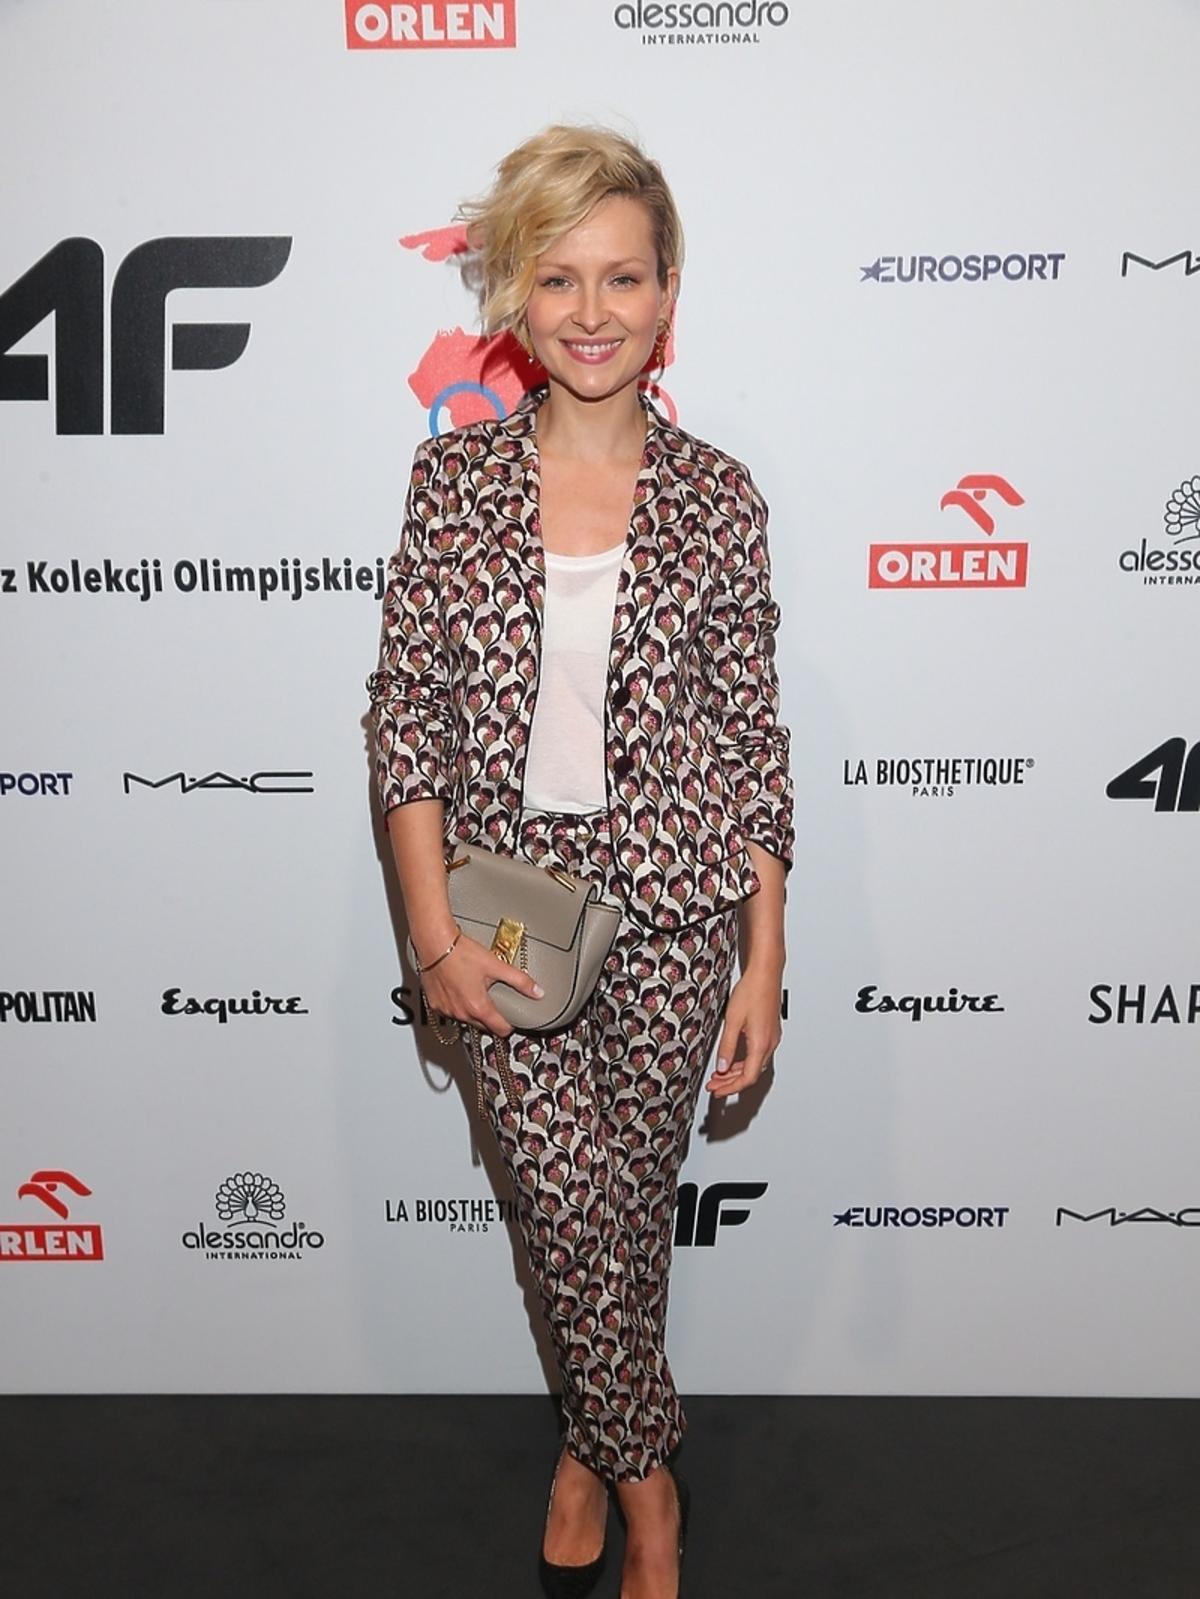 Marieta Żukowska na pokazie kolekcji 4F